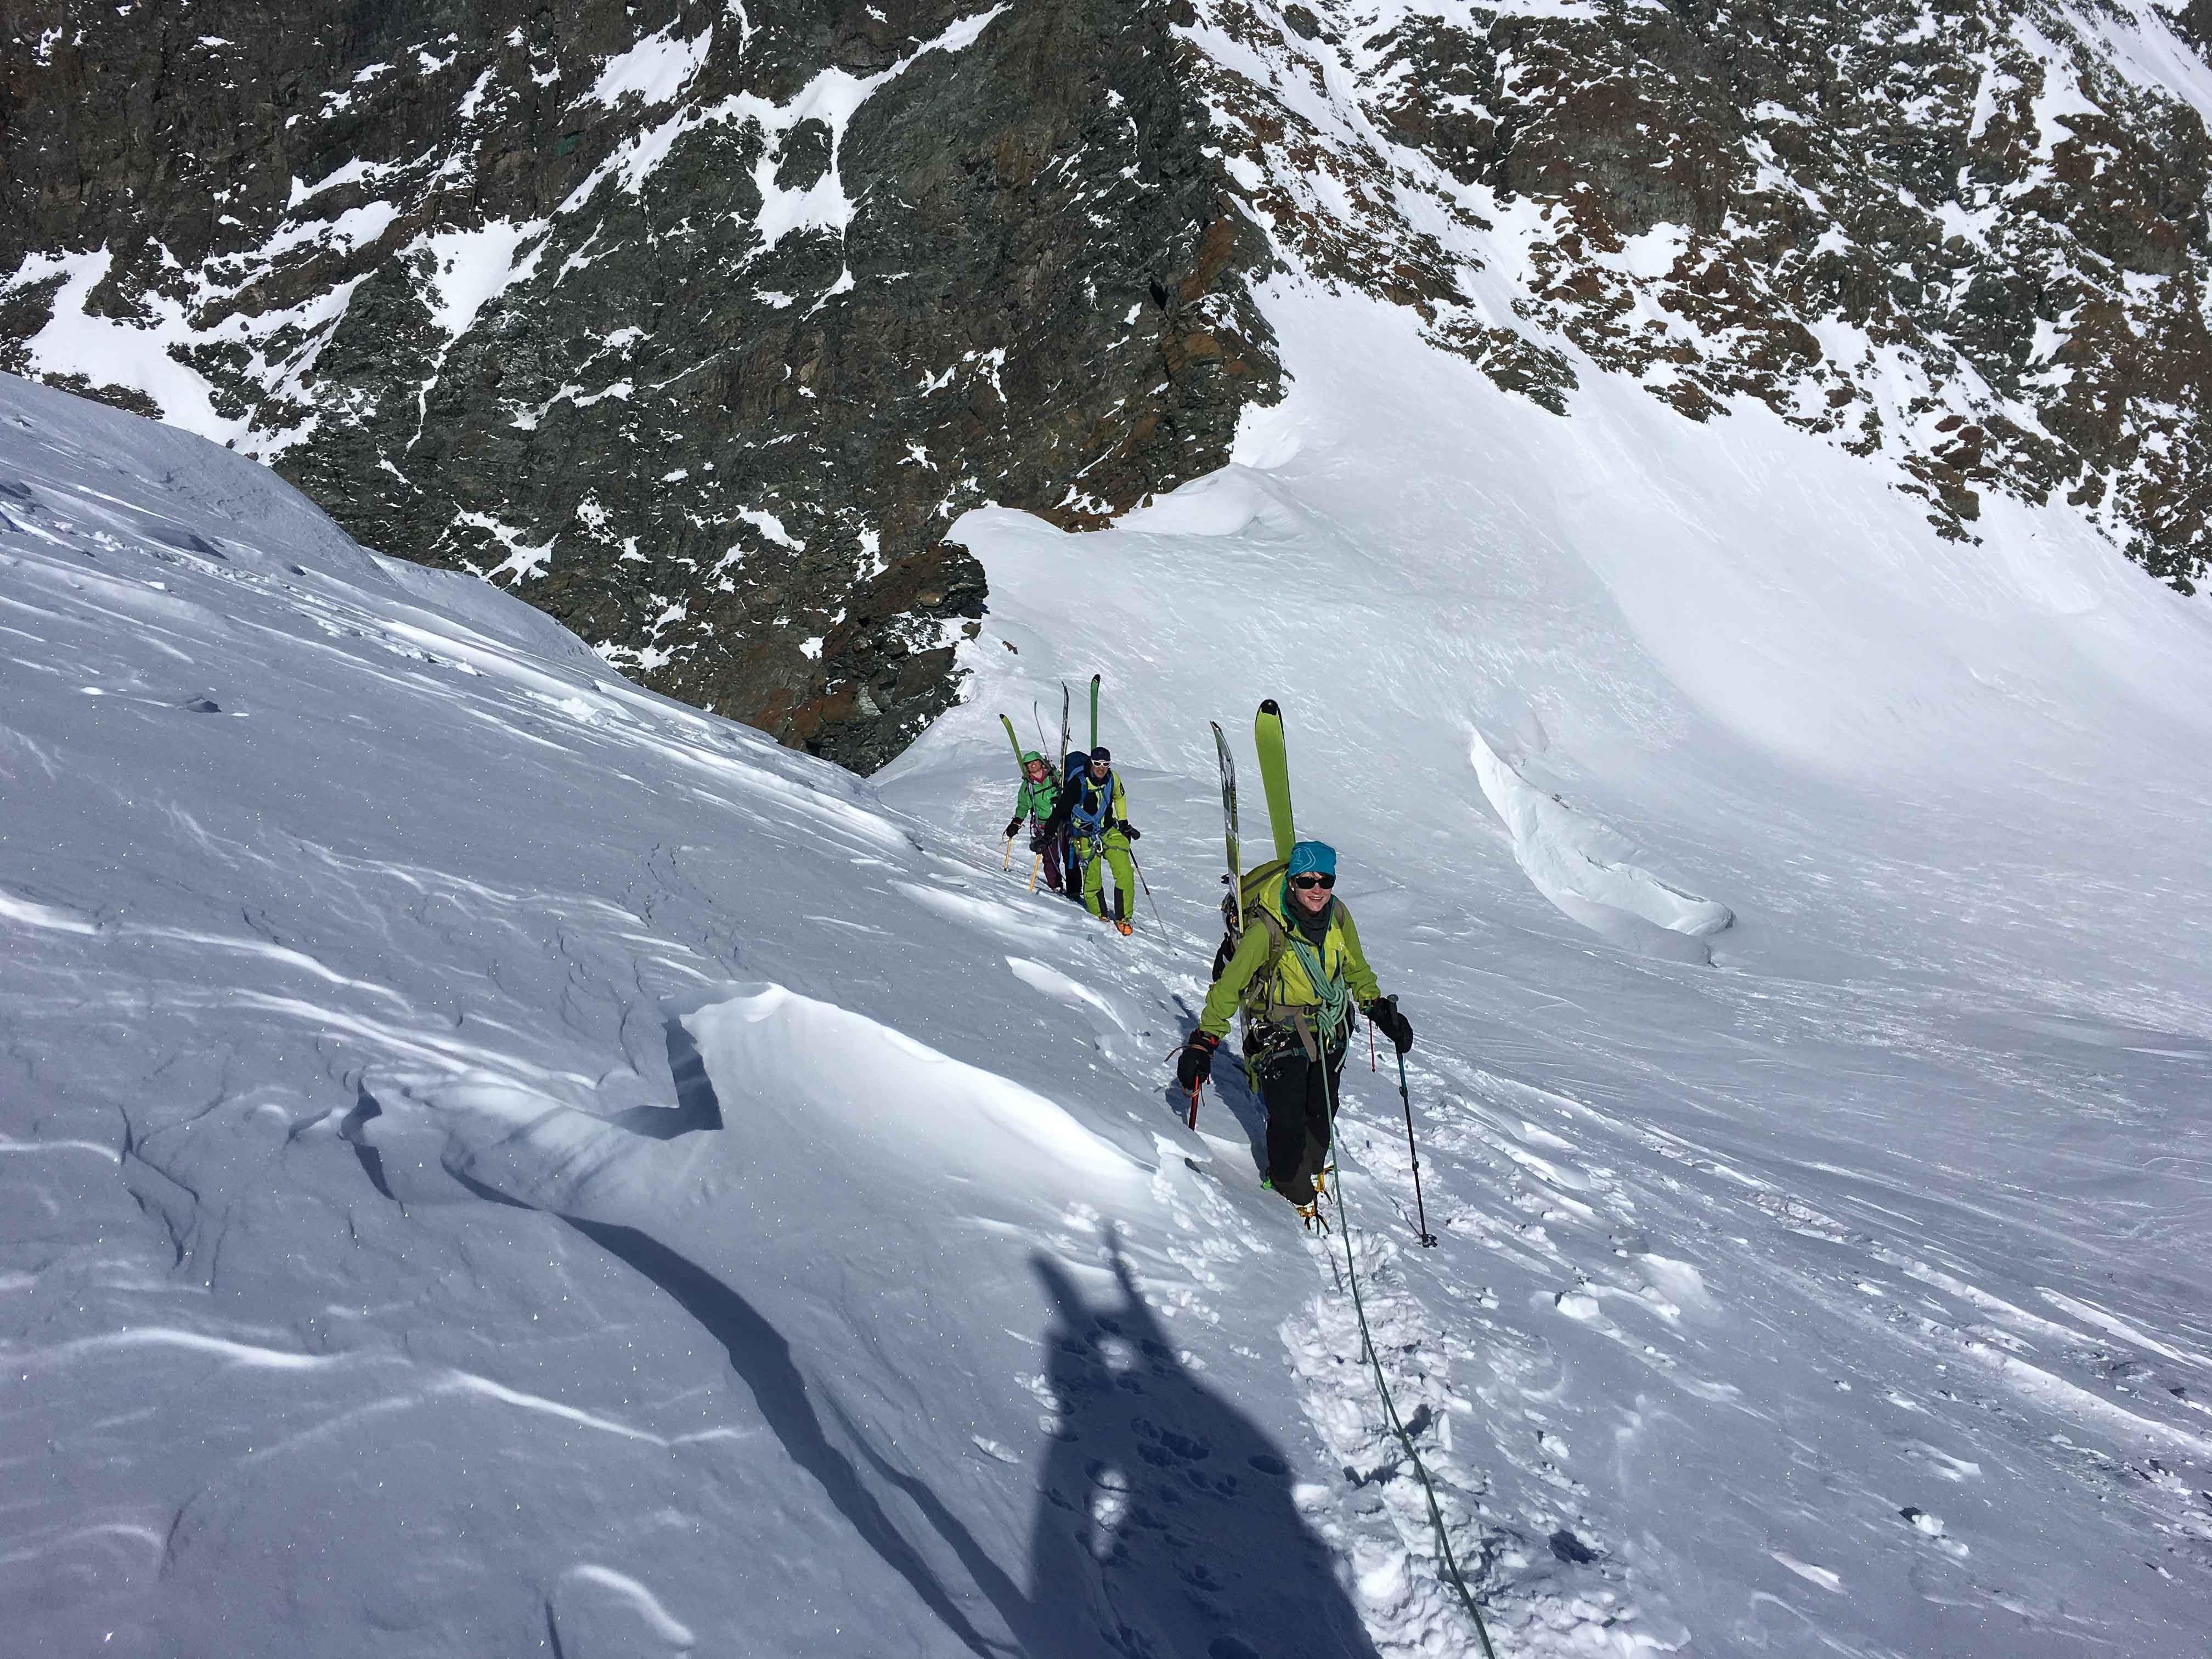 Nach dem Adlerpass müssen wir die Skier aufbinden